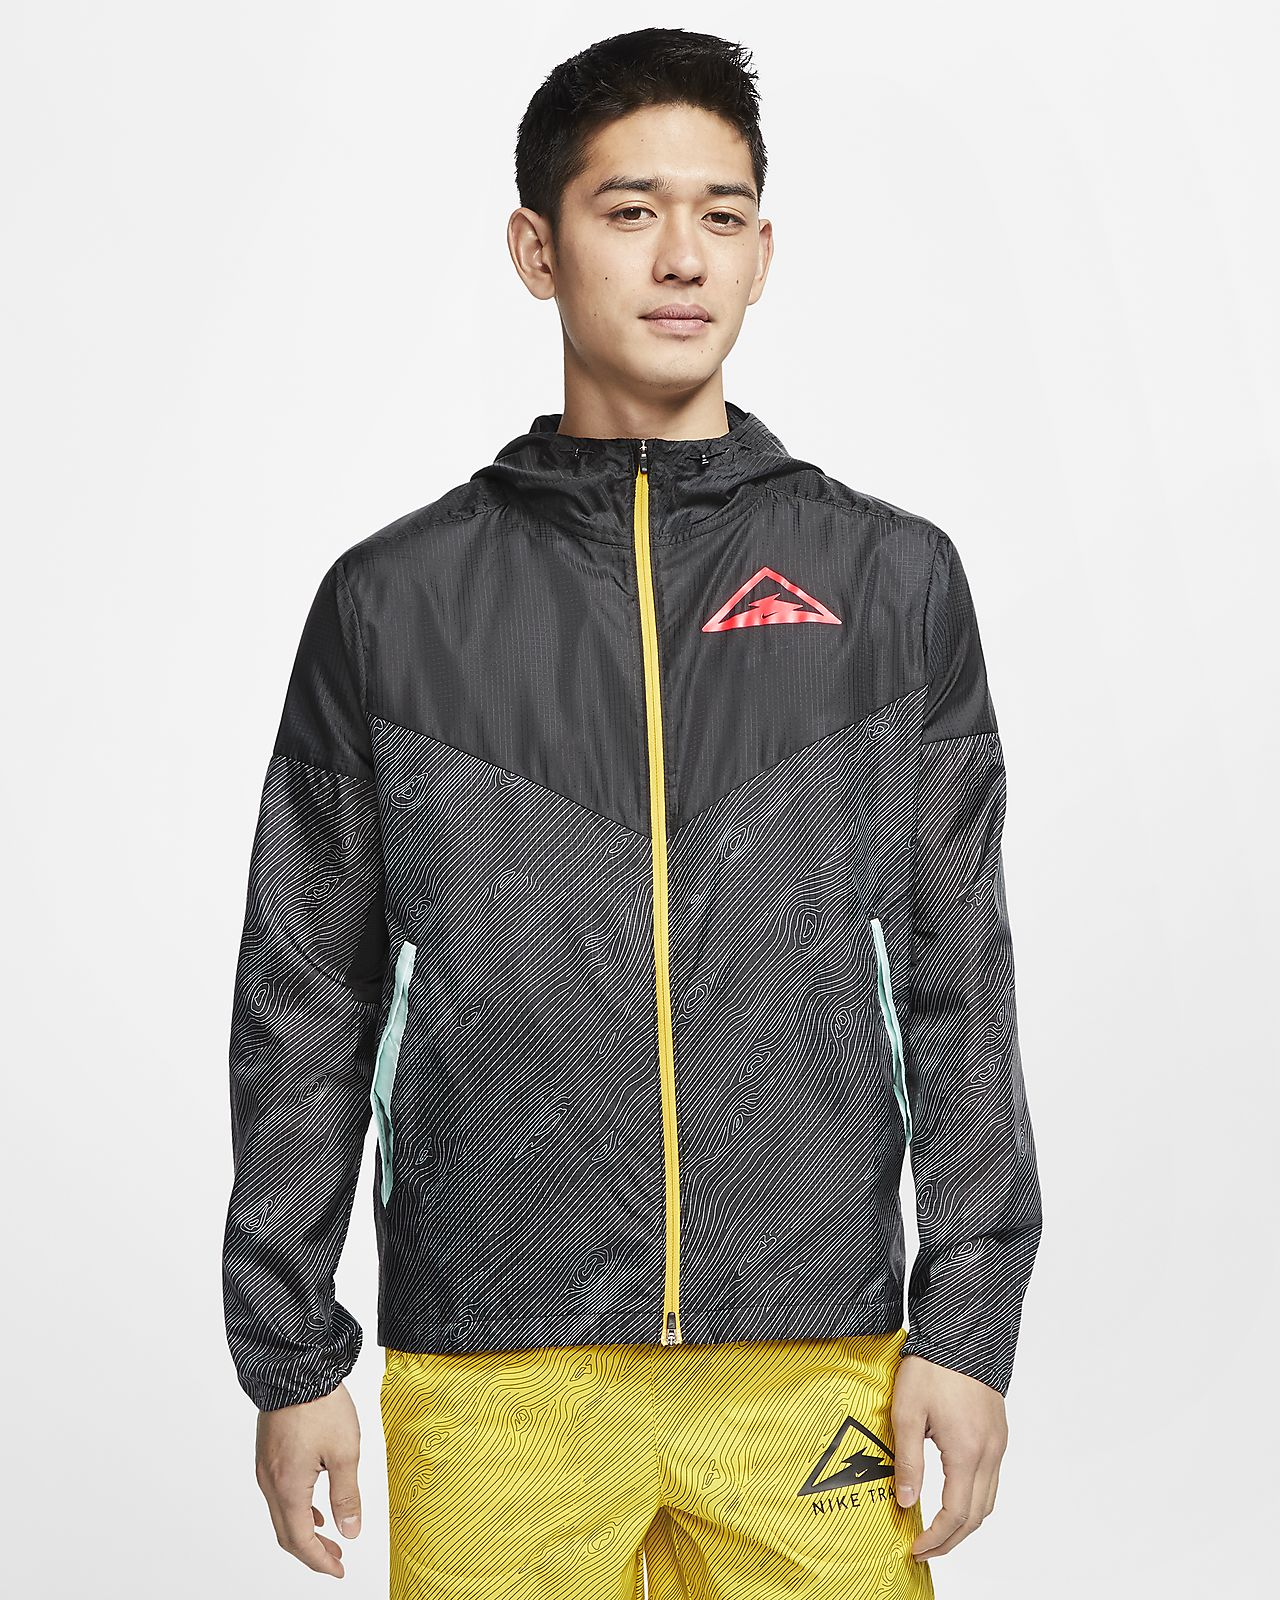 Nike Windrunner 男子连帽跑步夹克